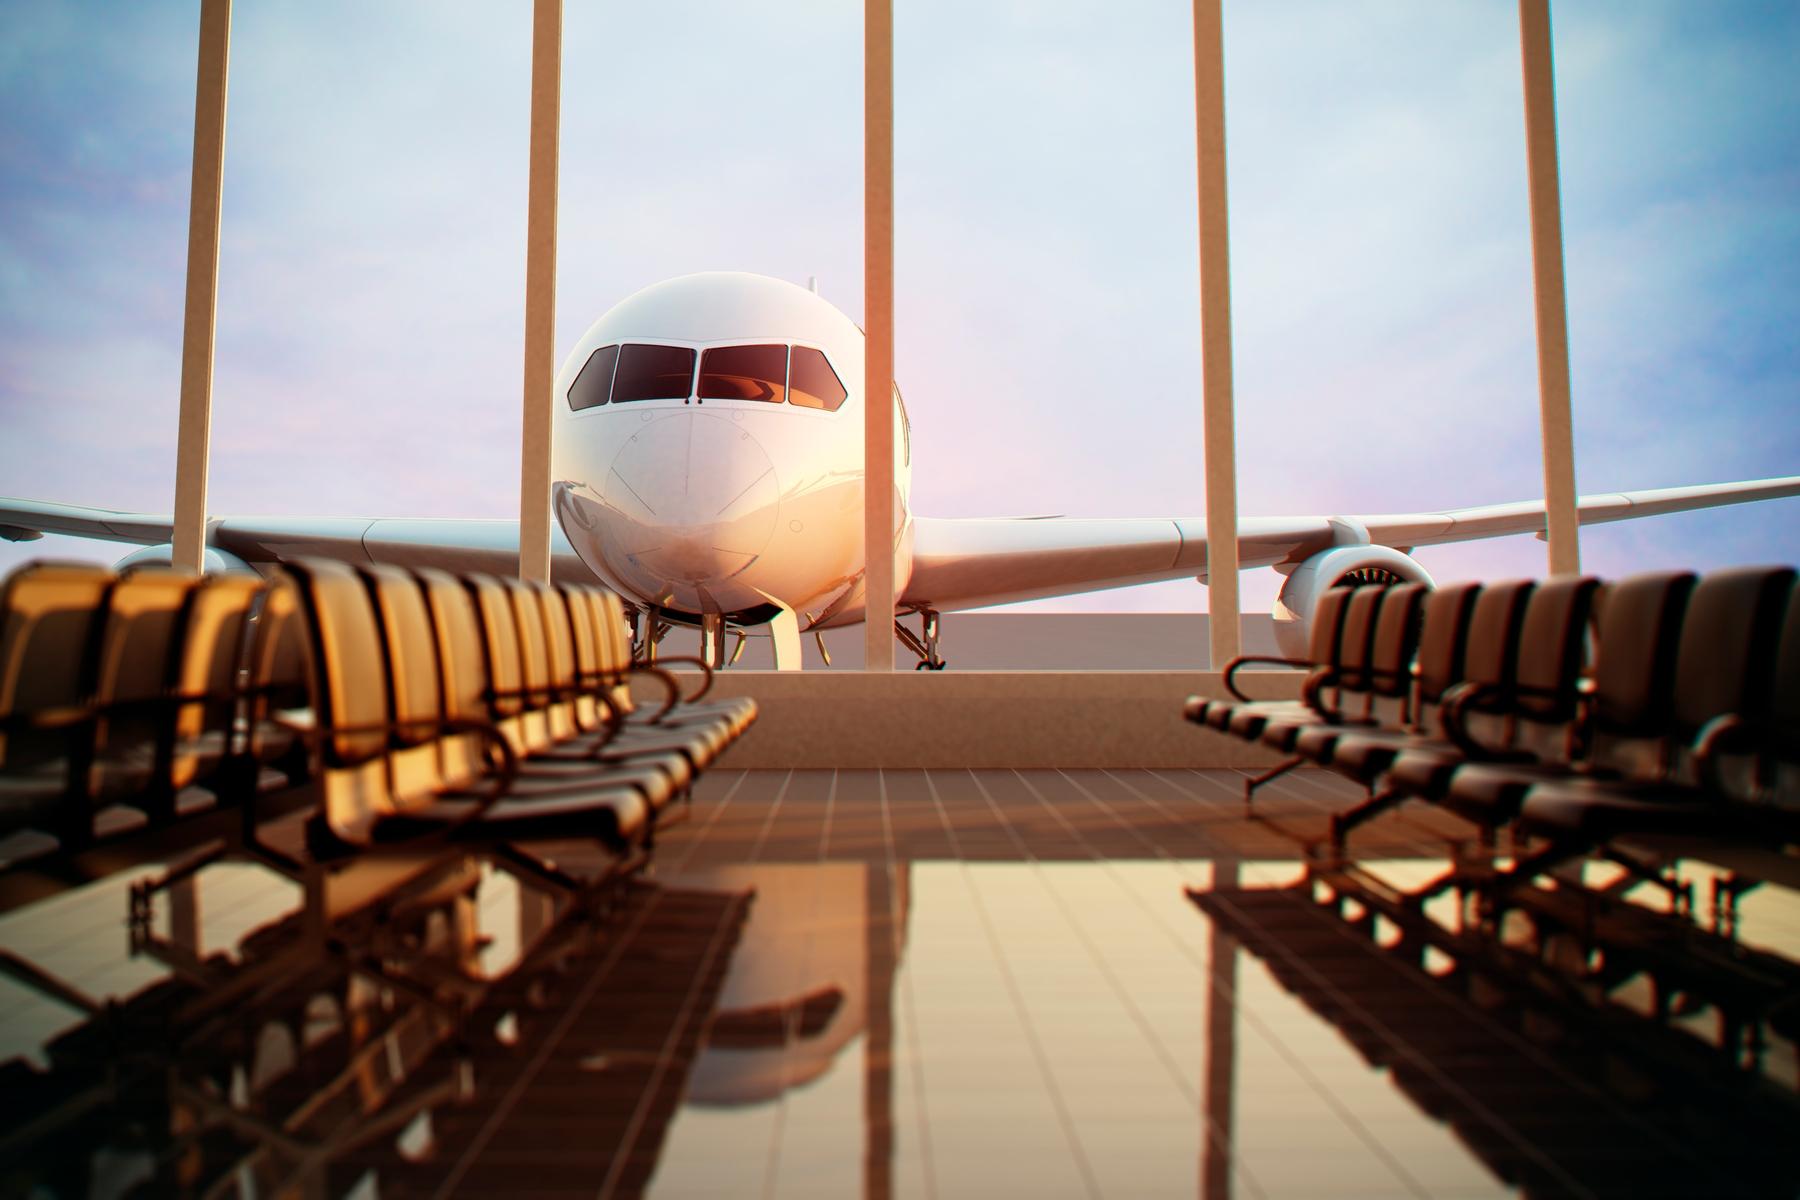 Avião estacionado no pátio